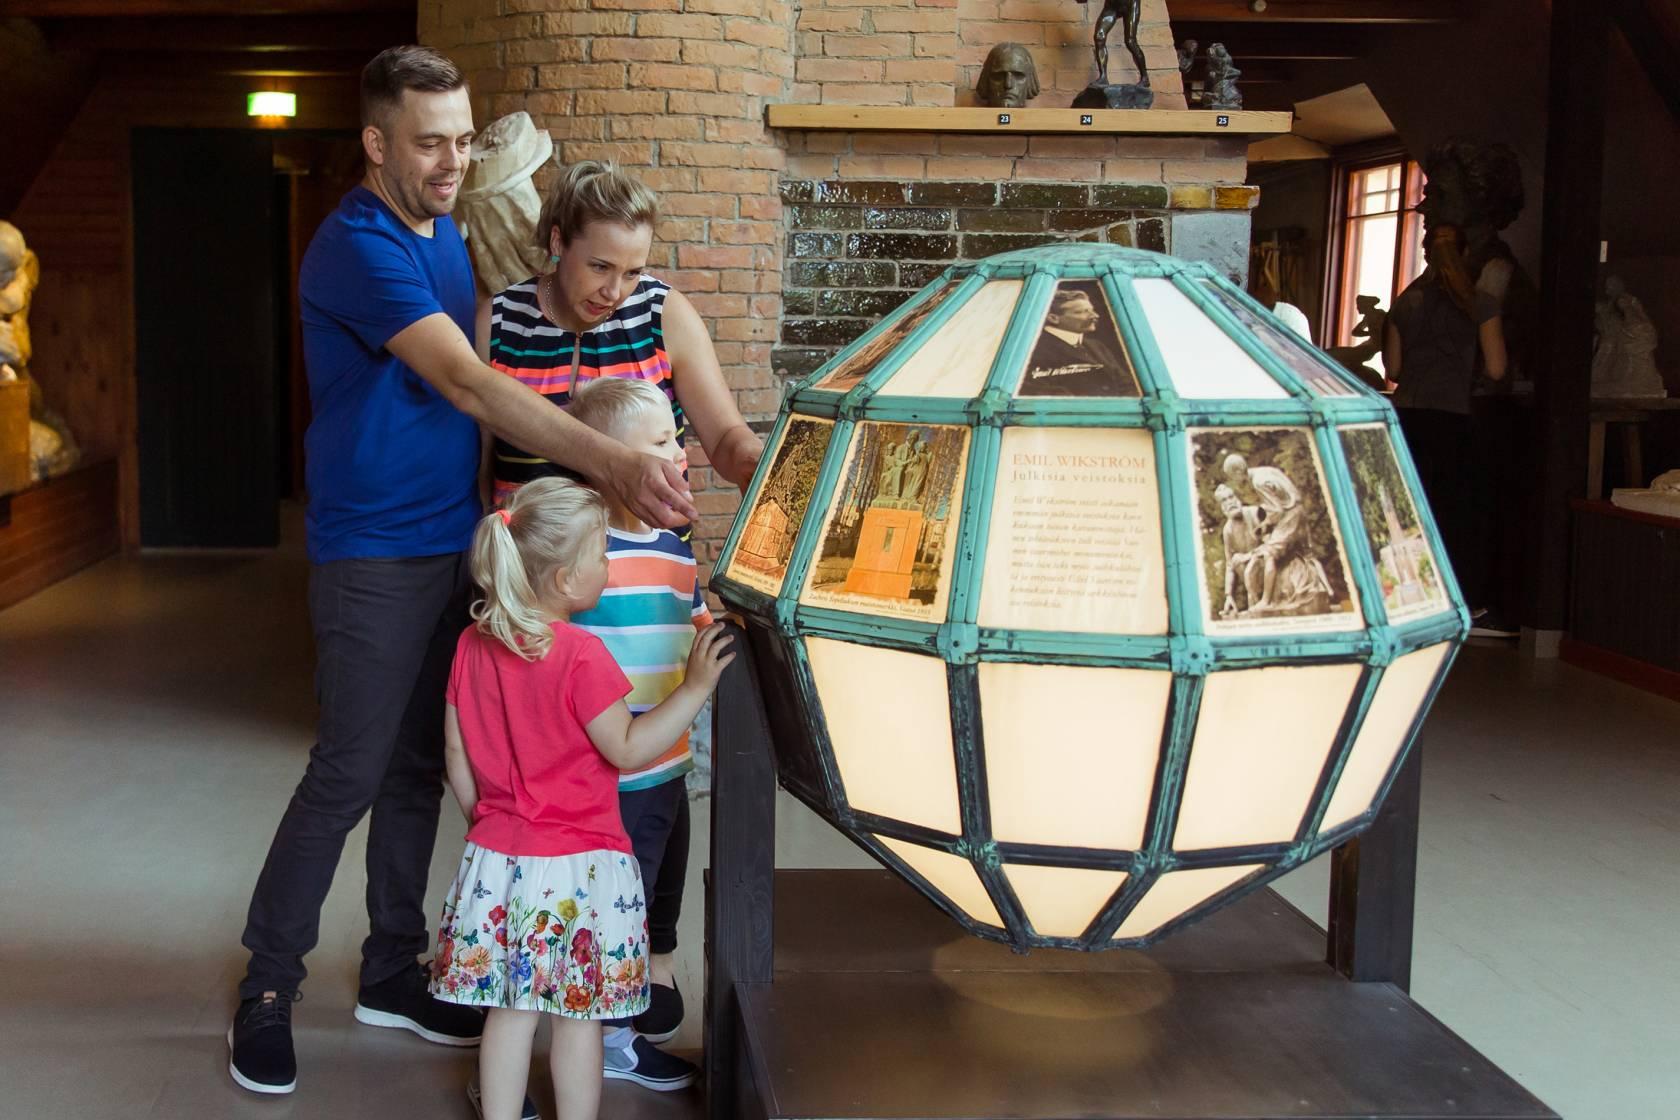 Perhe lukee tietoja teoksesta Visavuoren ateljeessa